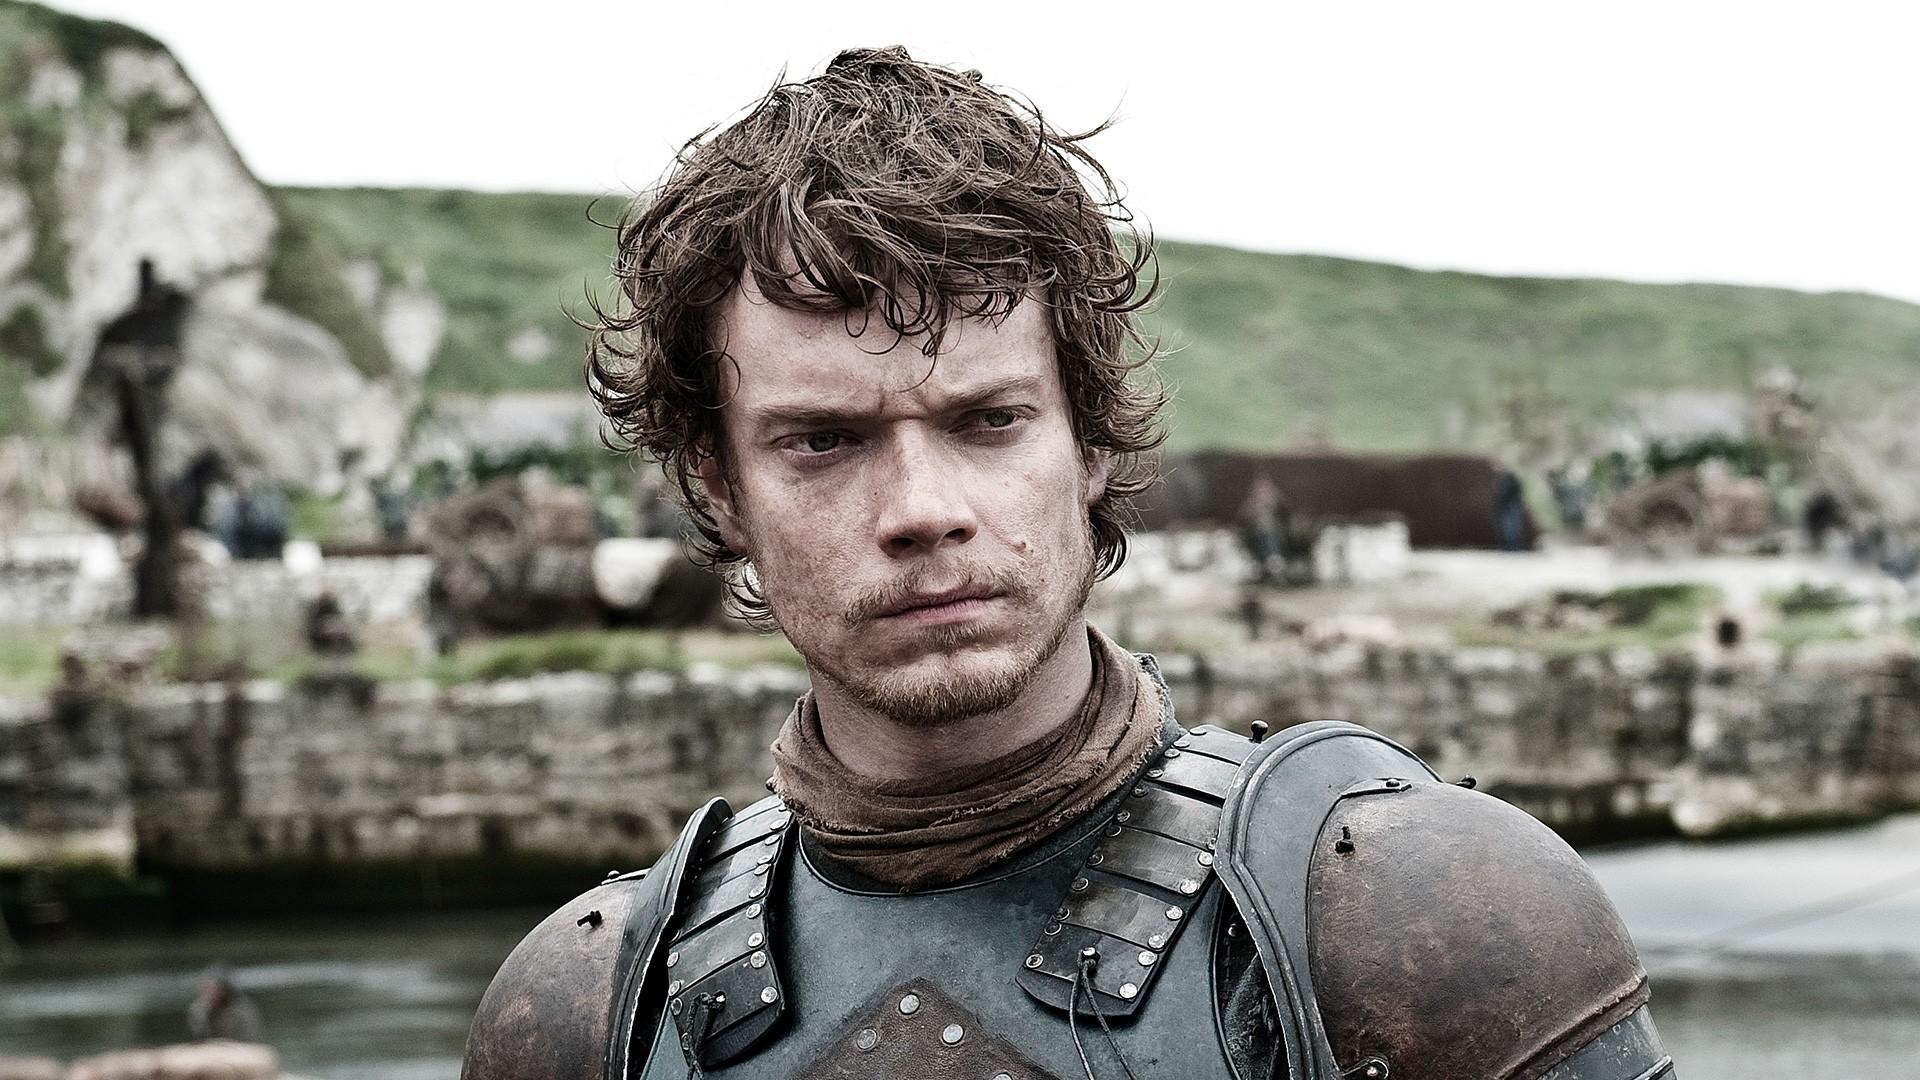 Theon Greyjoy (Foto: Reprodução)